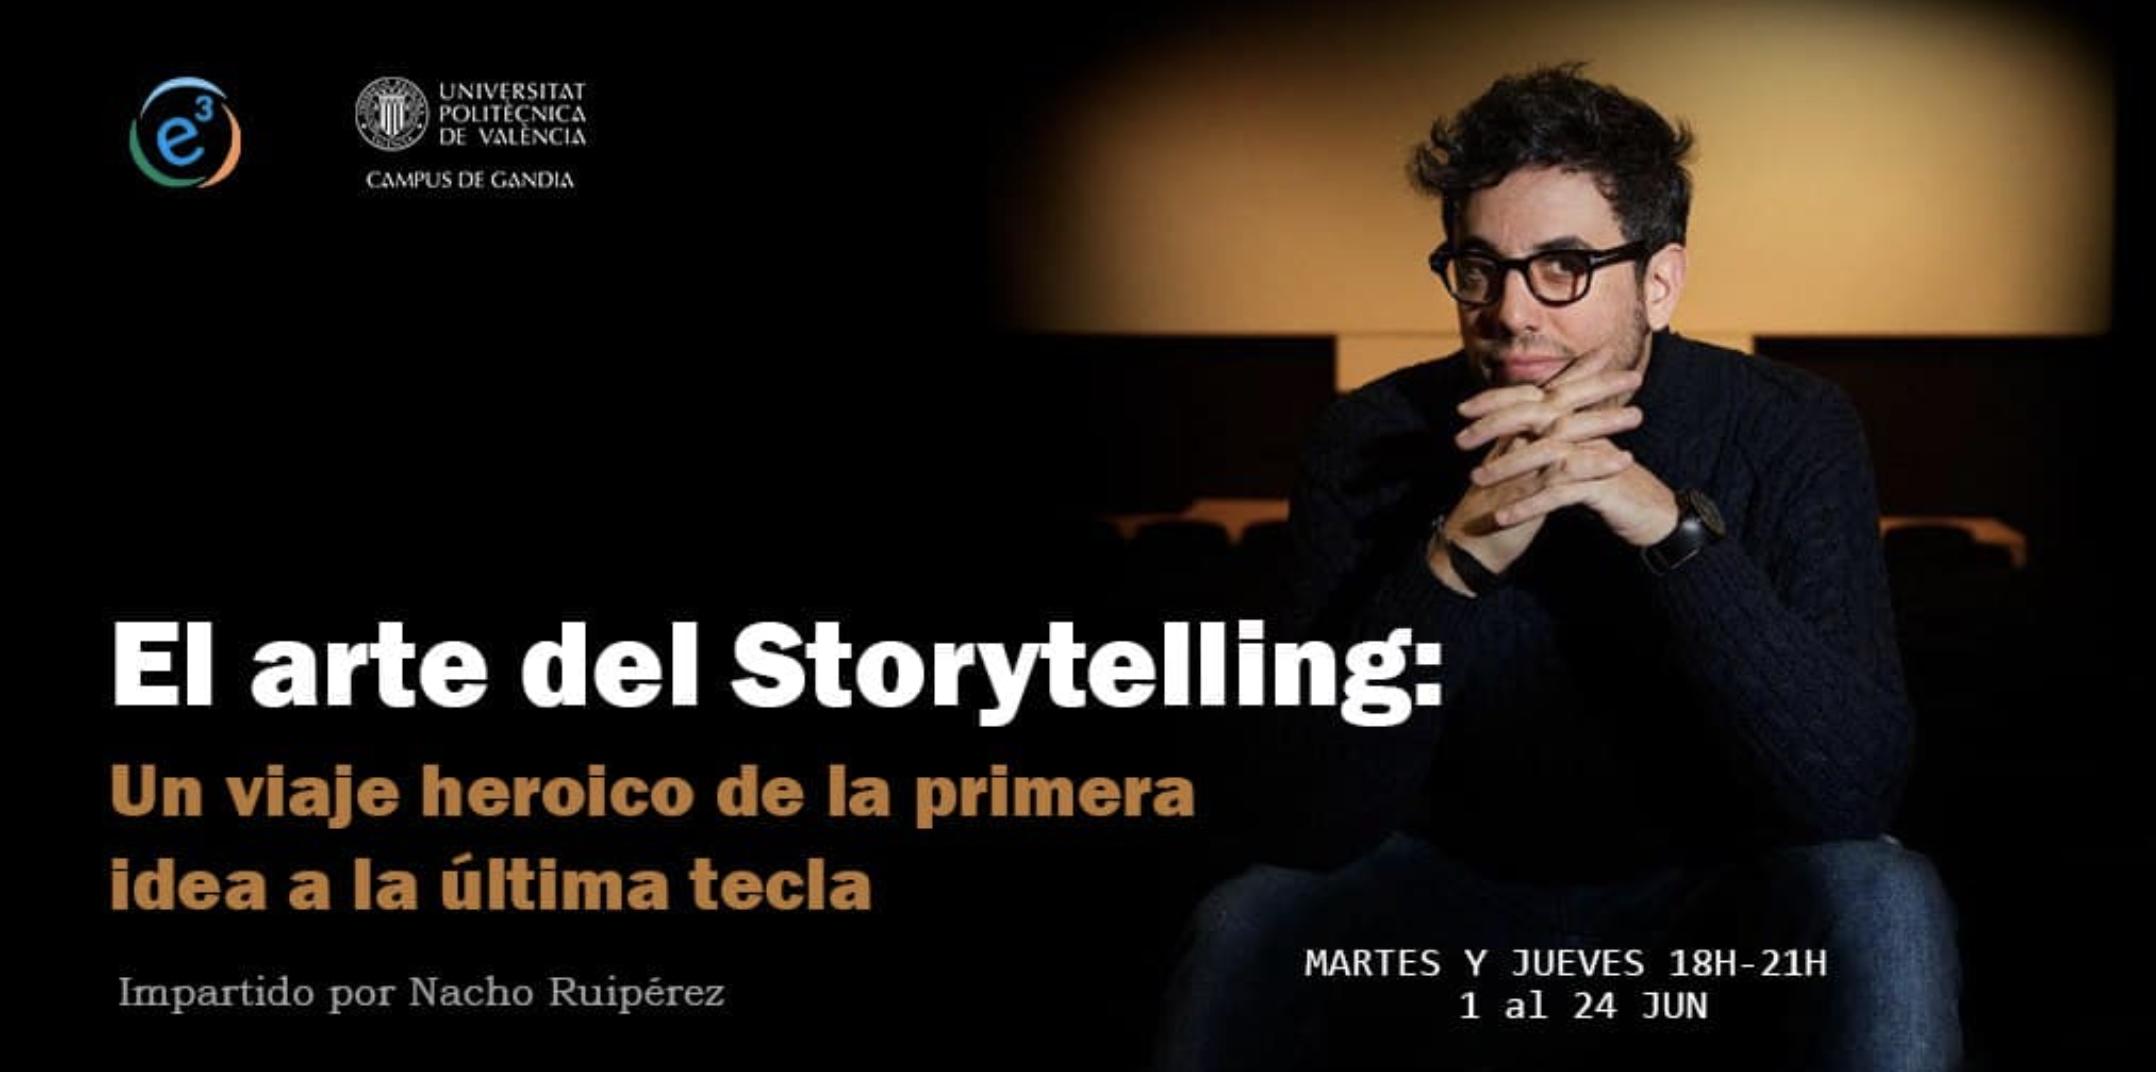 Nacho Ruipérez imparte el curso de storytelling: El arte del storytelling «Un viaje heroico de la primera idea a la última tecla»